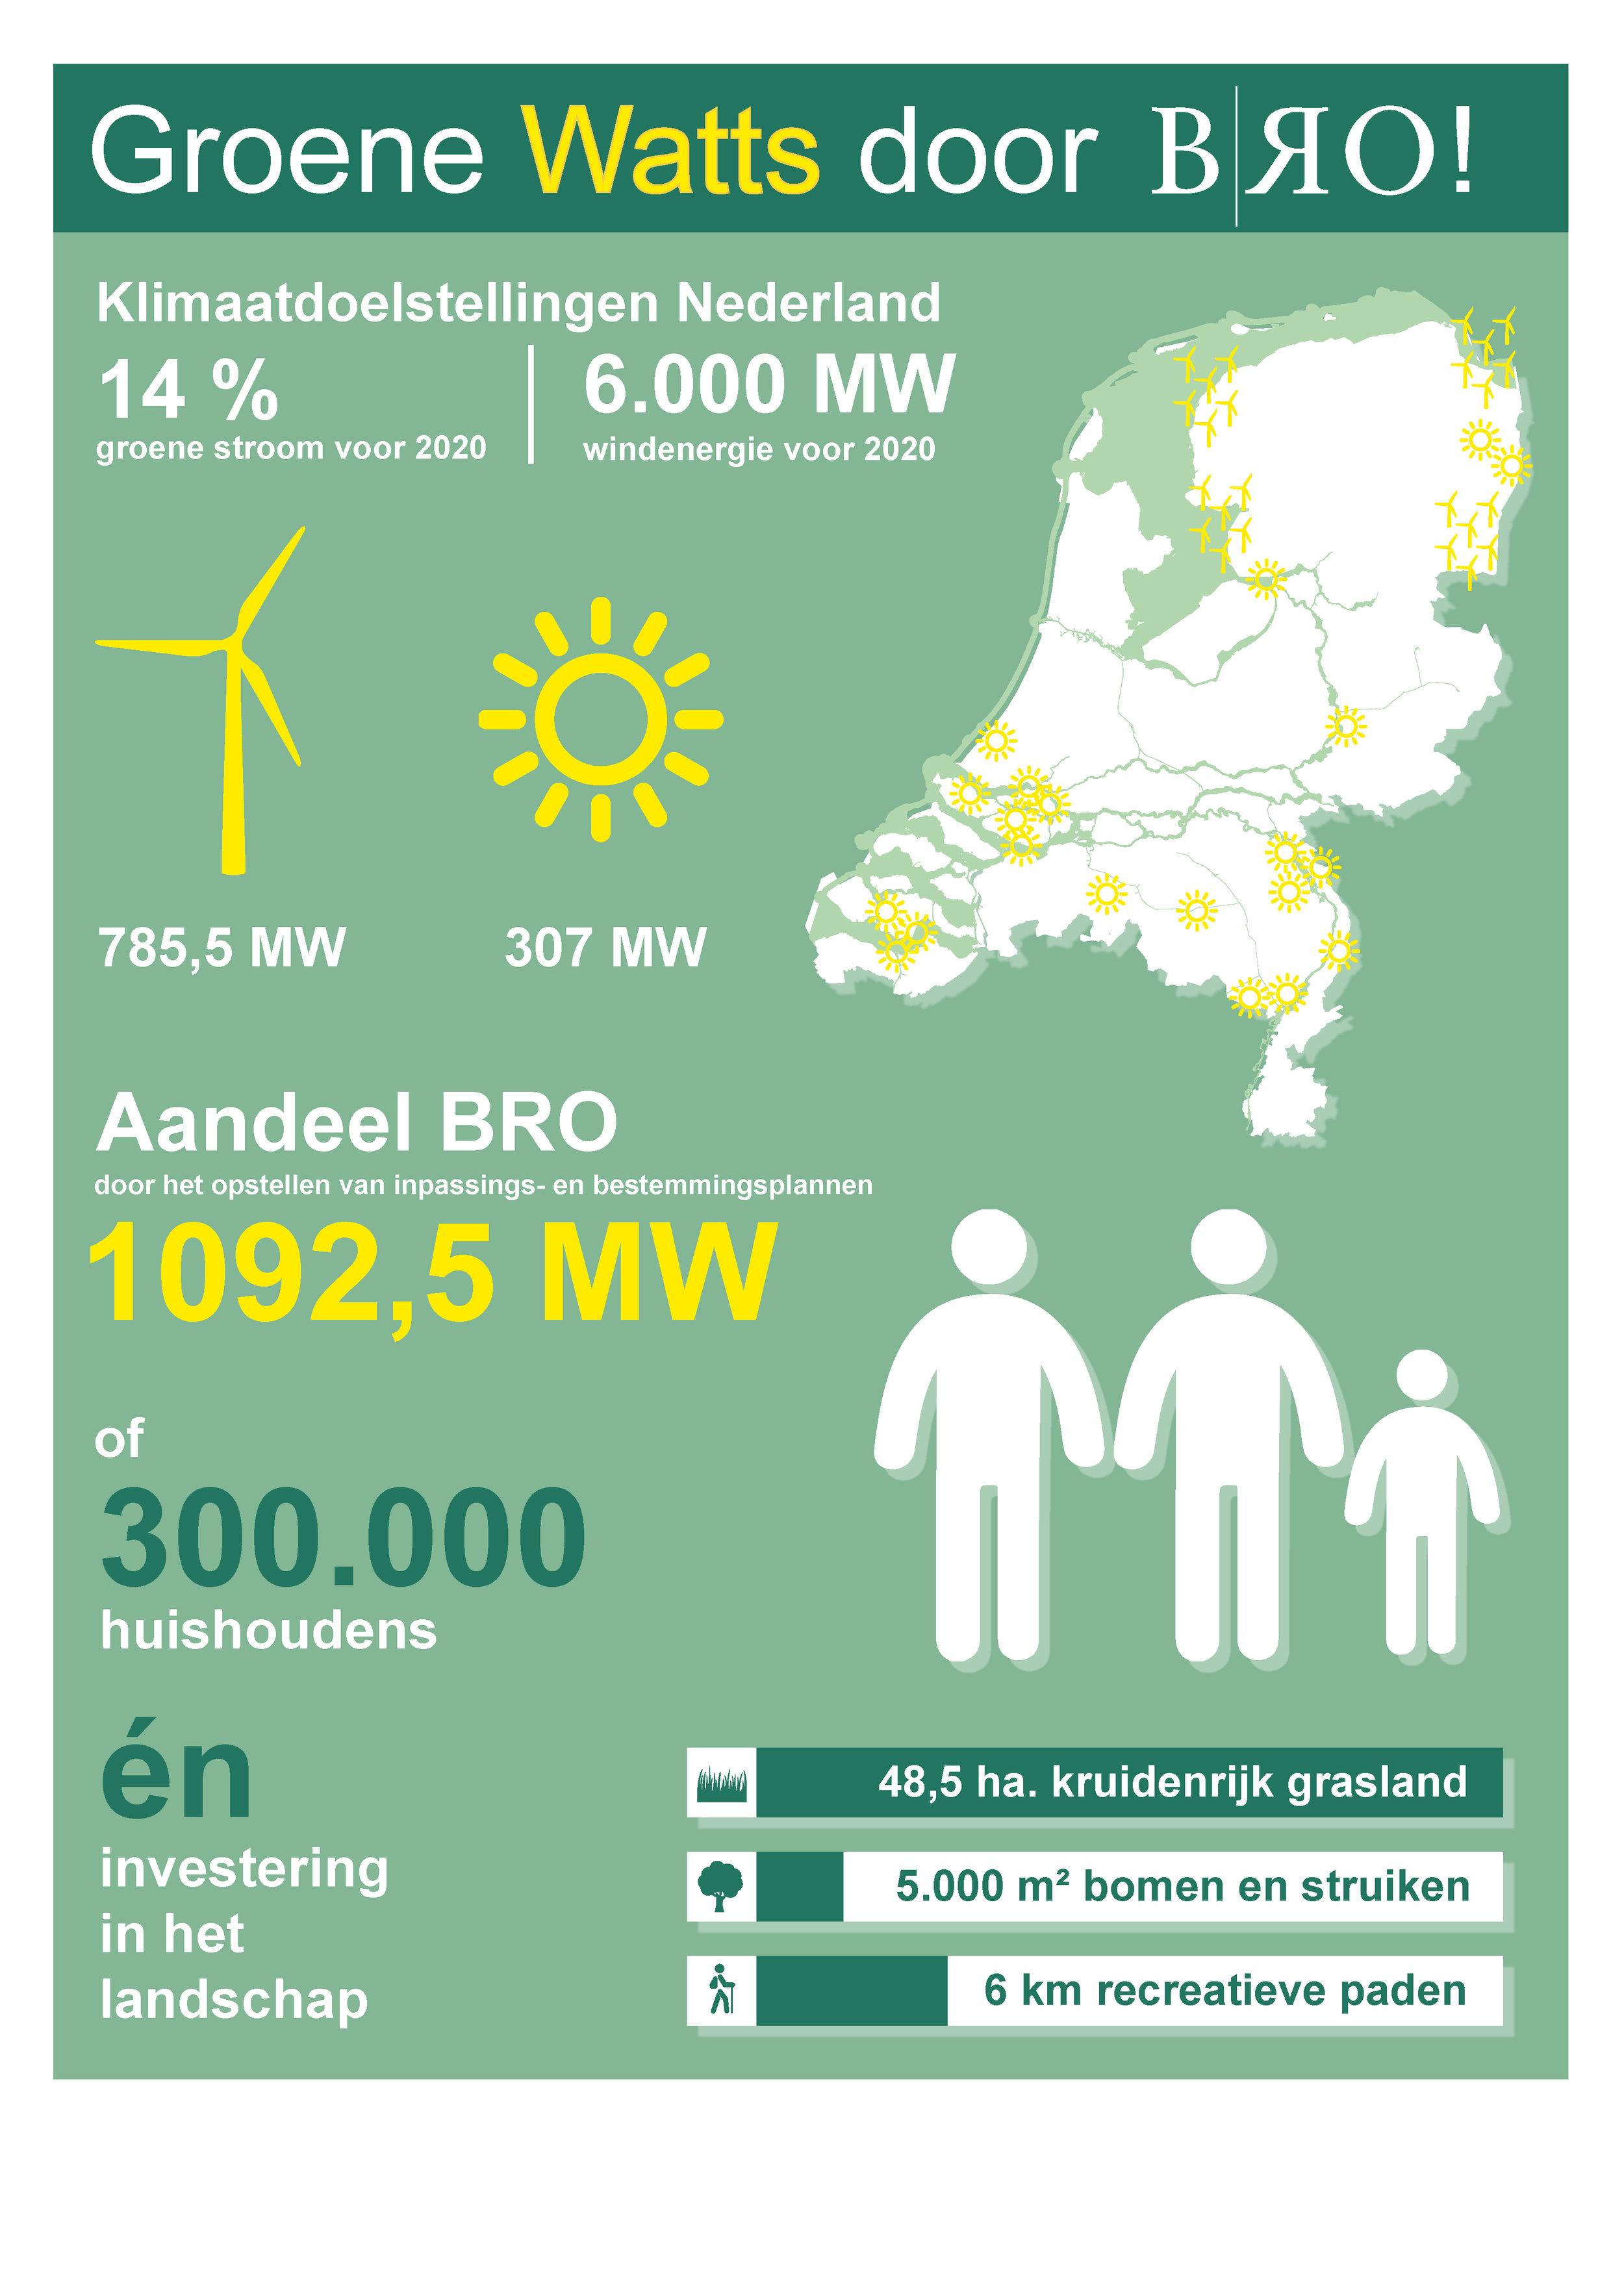 - BRO heeft met haar plannen voor groot- en kleinschalige wind- en zonneparken door heel Nederland, in 2018 voor maar liefst 1.092,5 MW bijgedragen aan de doelstelling van het Energie-akkoord. Dit komt overeen met de duurzame energievraag van maar liefst 300.000 huishoudens! In 2013 is het Energieakkoord gesloten om de productie van groene energie te stimuleren. De afspraken betekenen dat in 2020 14% van de totale energieproductie duurzaam moet zijn.BRO heeft voor de wind- en zonneparken het hele proces begeleid; van ontwerp en landschappelijke inpassing tot en met de ruimtelijke planvorming. In onze plannen gaan wij verder dan alleen het realiseren van groene energiebronnen. Wij grijpen deze kansen aan om meteen te investeren in ruimtelijke kwaliteit. Onze plannen versterken het landschap door onder meer de aanleg van 50 ha. nieuw groen en kilometerslange recreatieve paden. Hiermee investeren wij in de kwaliteit van onze leefomgeving, en creëren wij ruimte om in te leven.